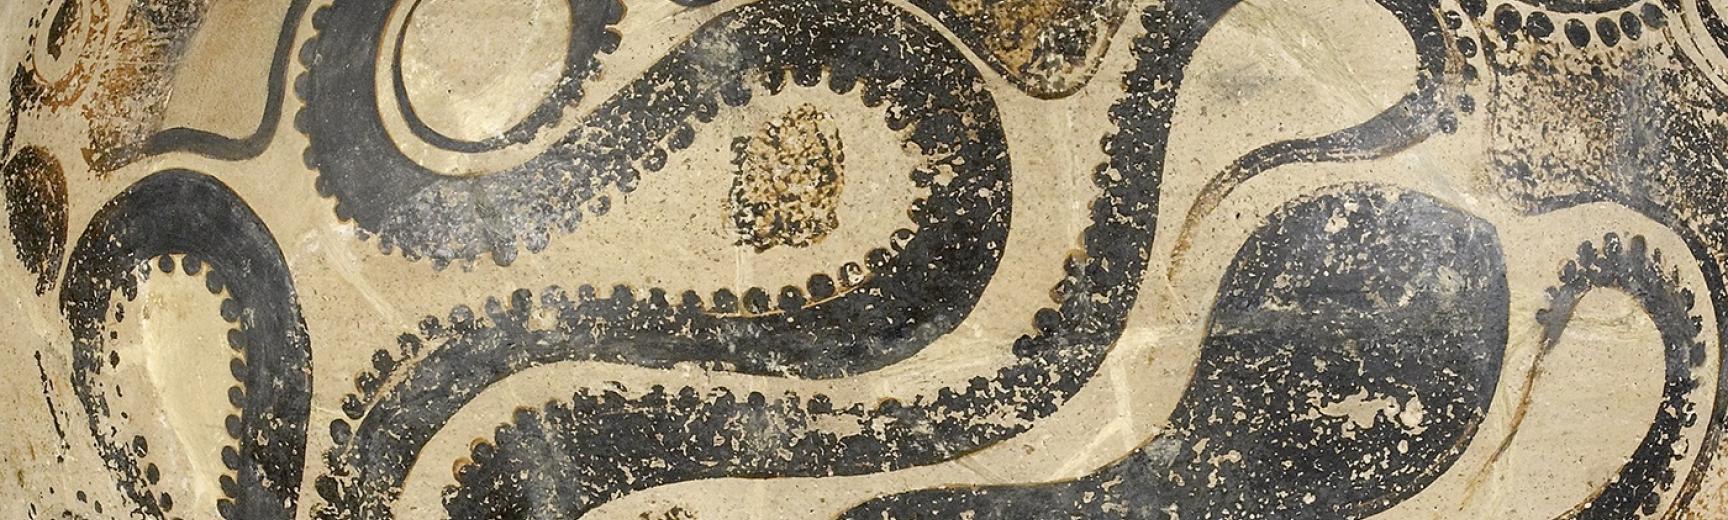 Octopus Jar detail AN1911.608